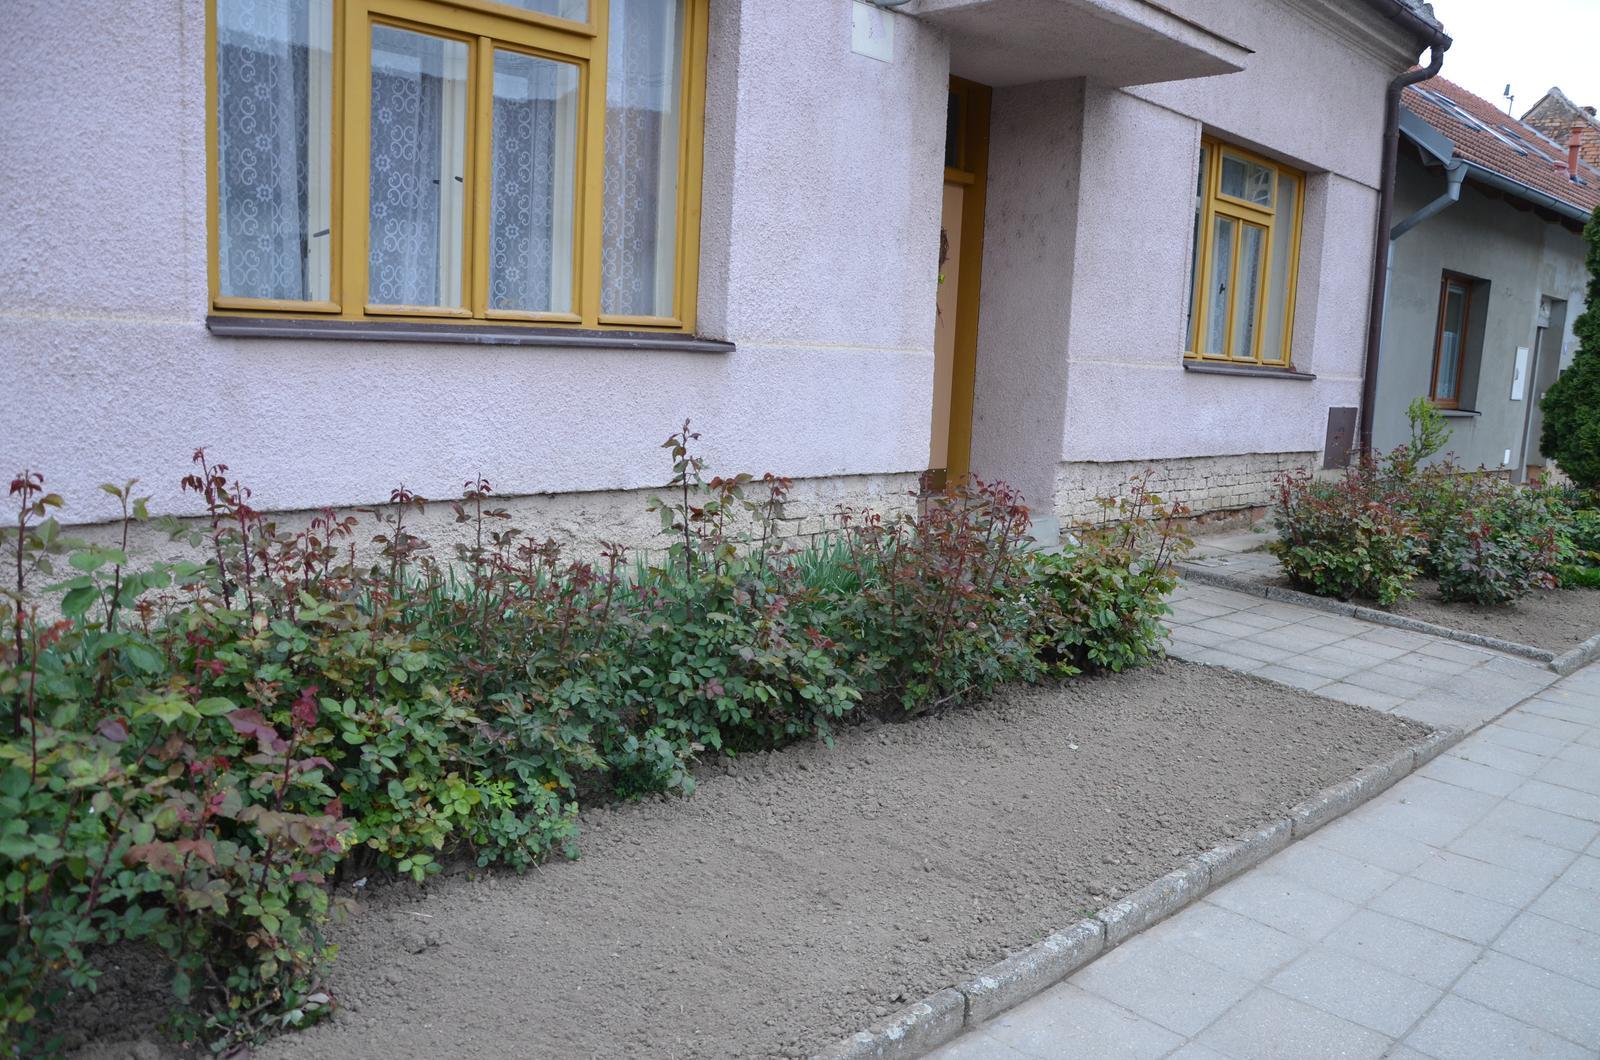 Vysněná zahrada... - Vyčištěná předzahrádka, dopředu bych chtěla spoooustu levandule :-)